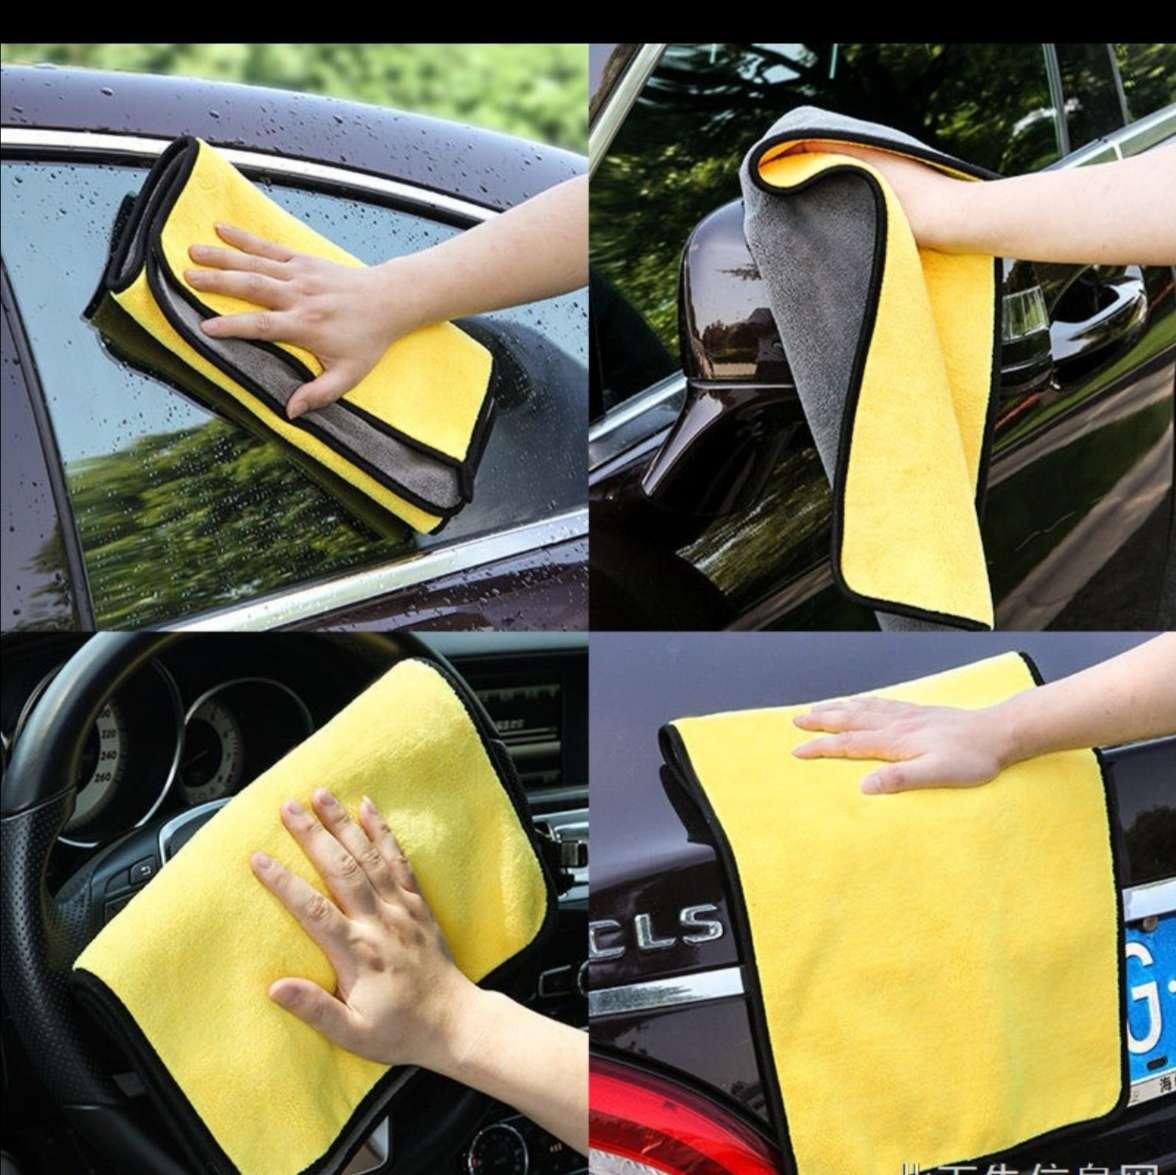 厂家直销品质优良,爆款洗车巾,擦车布。